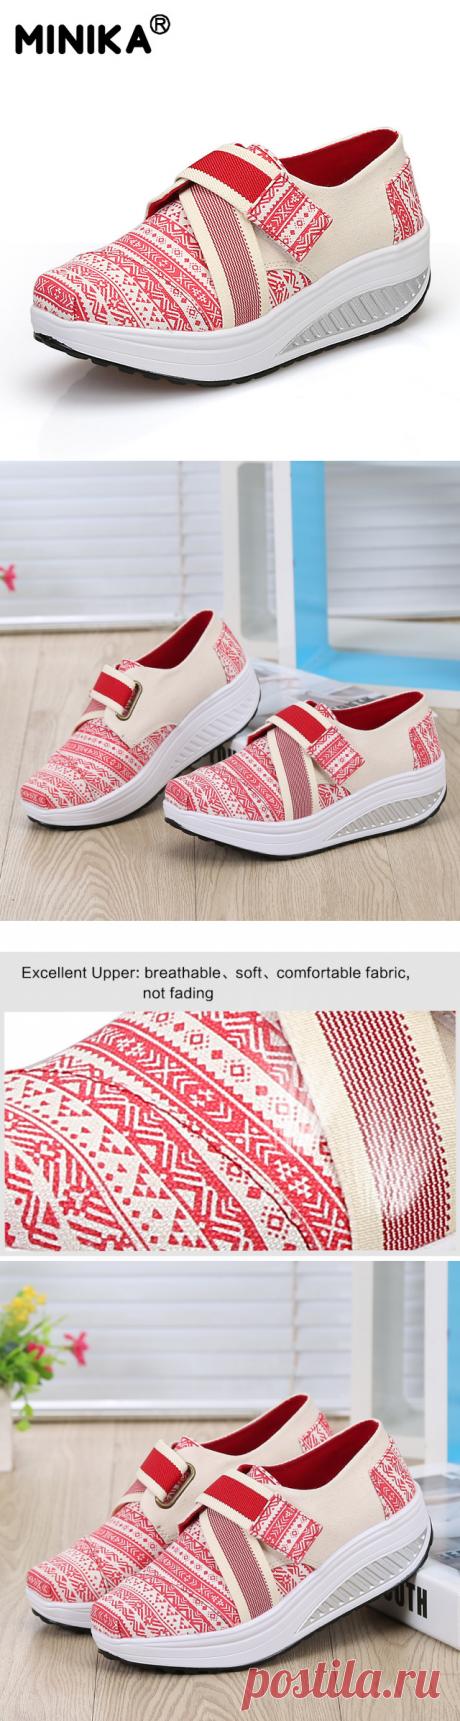 Minika полосатый обувь для похудения Женская Толстая подошва дышащая обувь на платформе обувь на качающей танкетке легкая прогулочная обувь Tenis Feminino купить на AliExpress